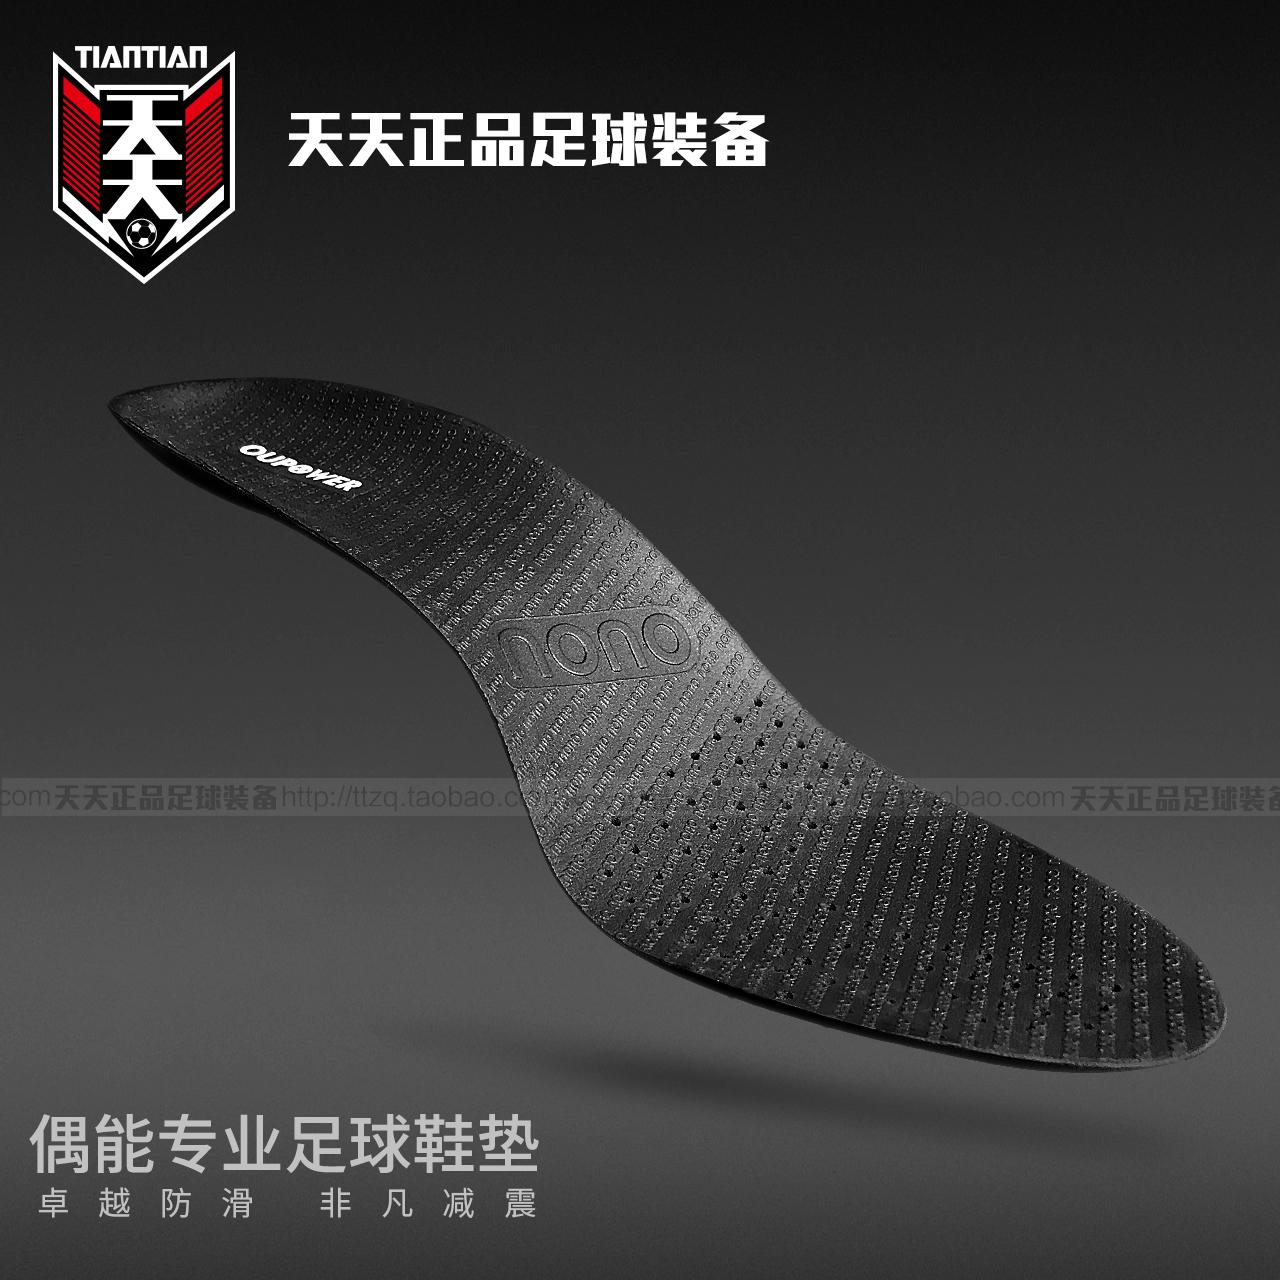 День за днем подлинный OUPOWER/ даже может PORON затухание медленно шок скольжение дезодорация футбол баскетбол спортивной обуви подушка